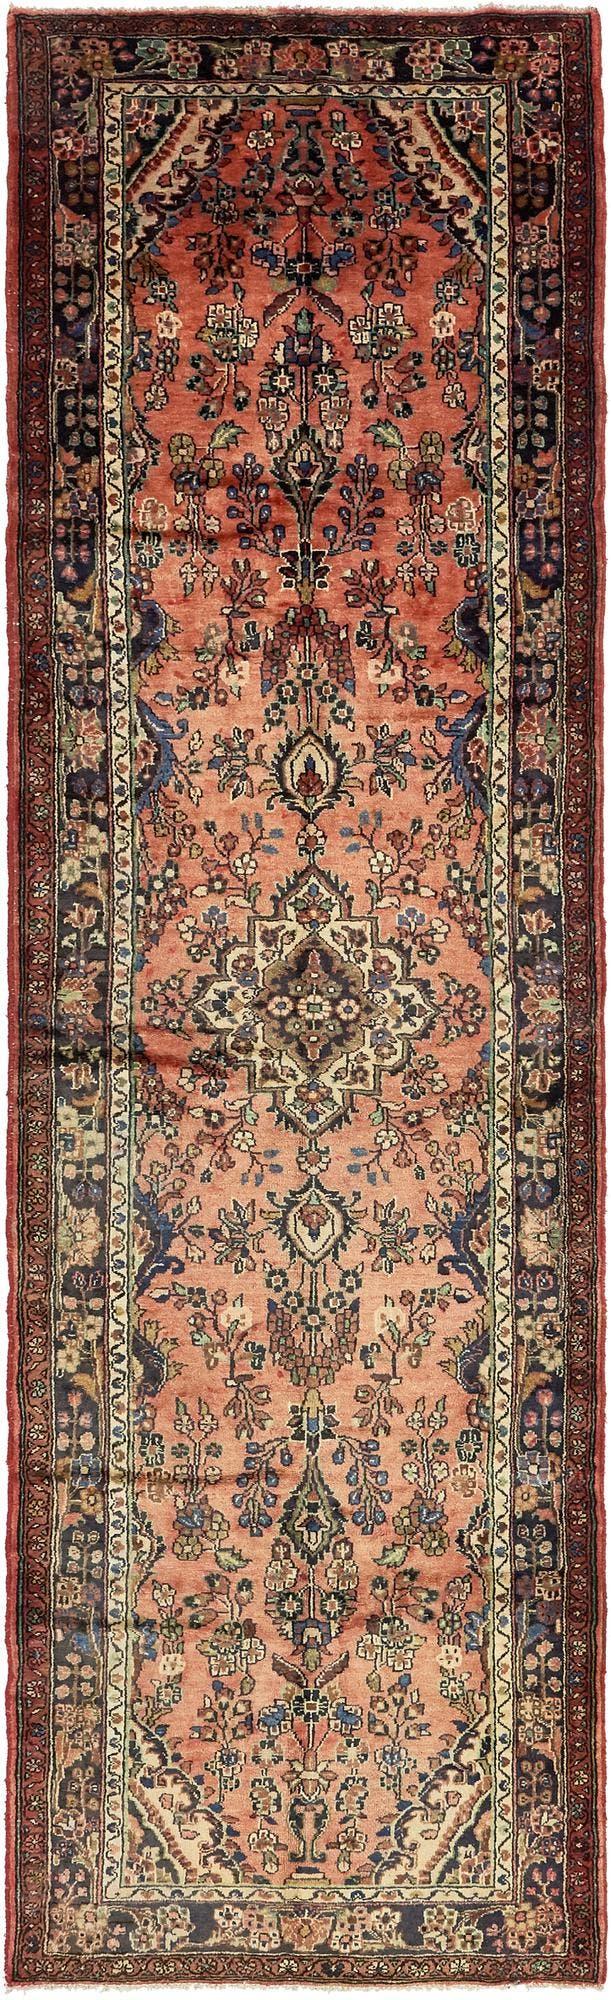 3' 9 x 13' 3 Khamseh Persian Runner Rug main image